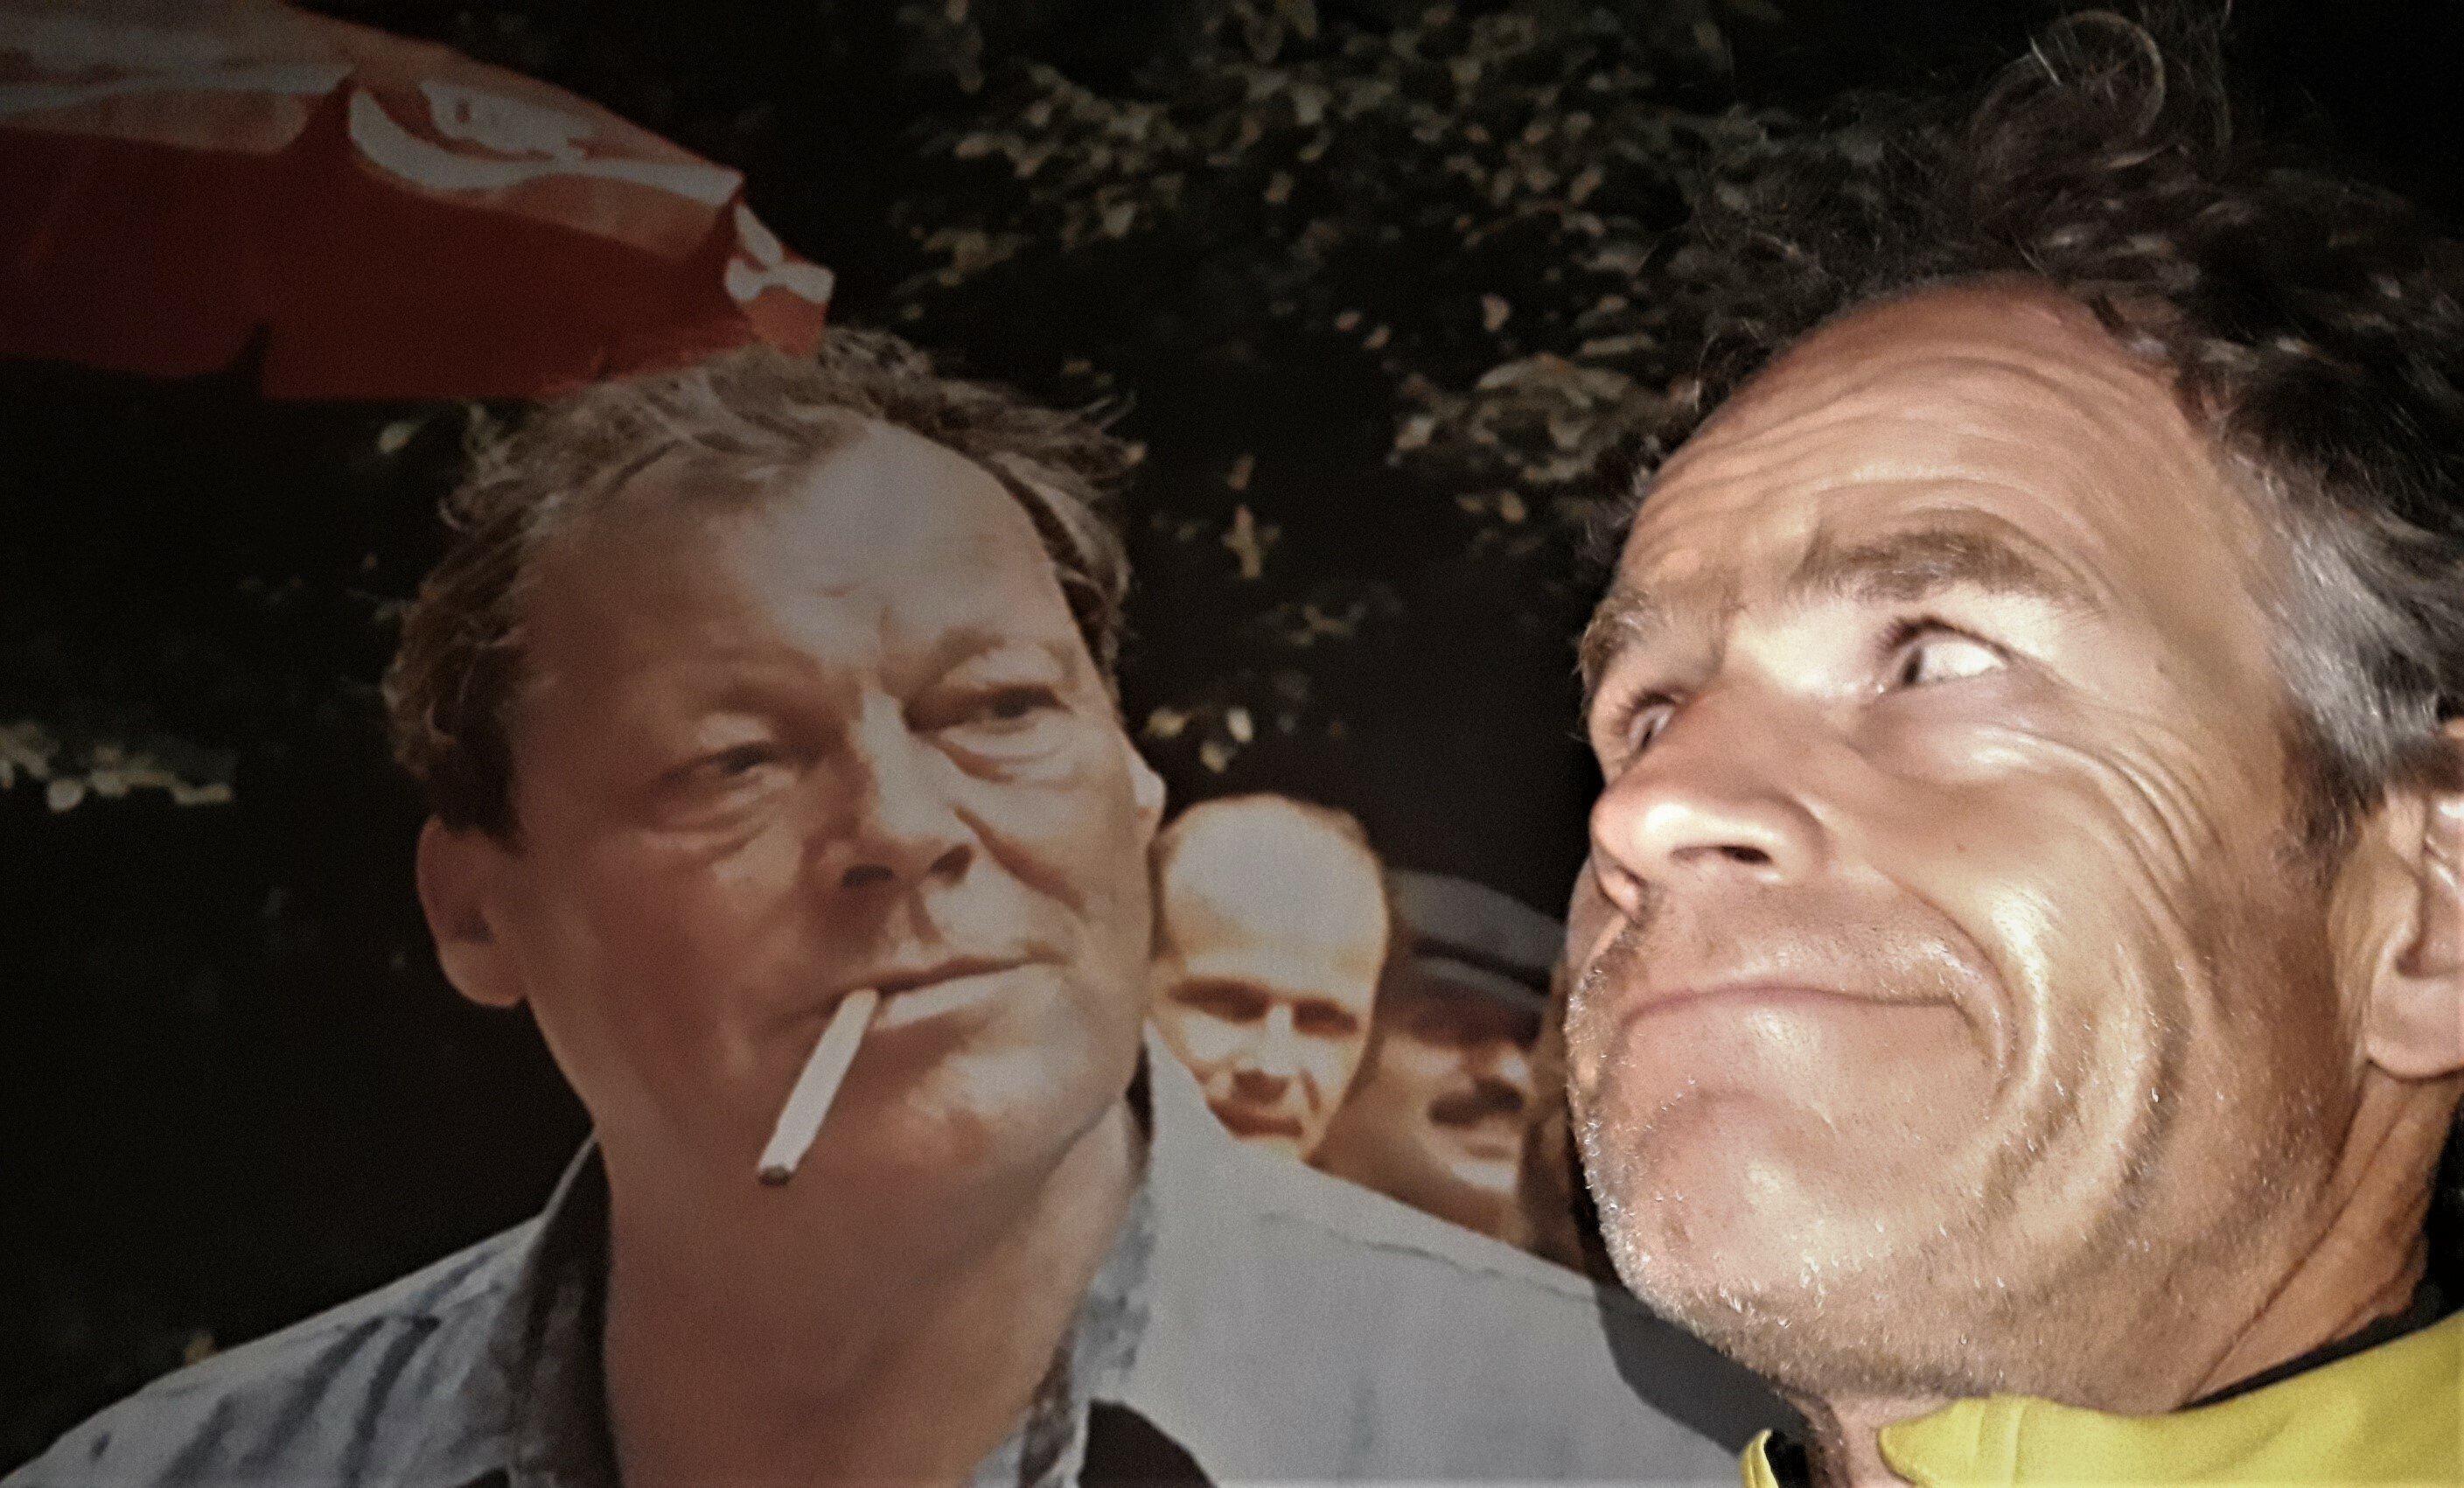 Der 63-jährige Willy Brandt mit Gitarre und Zigarette im Freien; davor der 53-jährige Autor Martin C Roos.